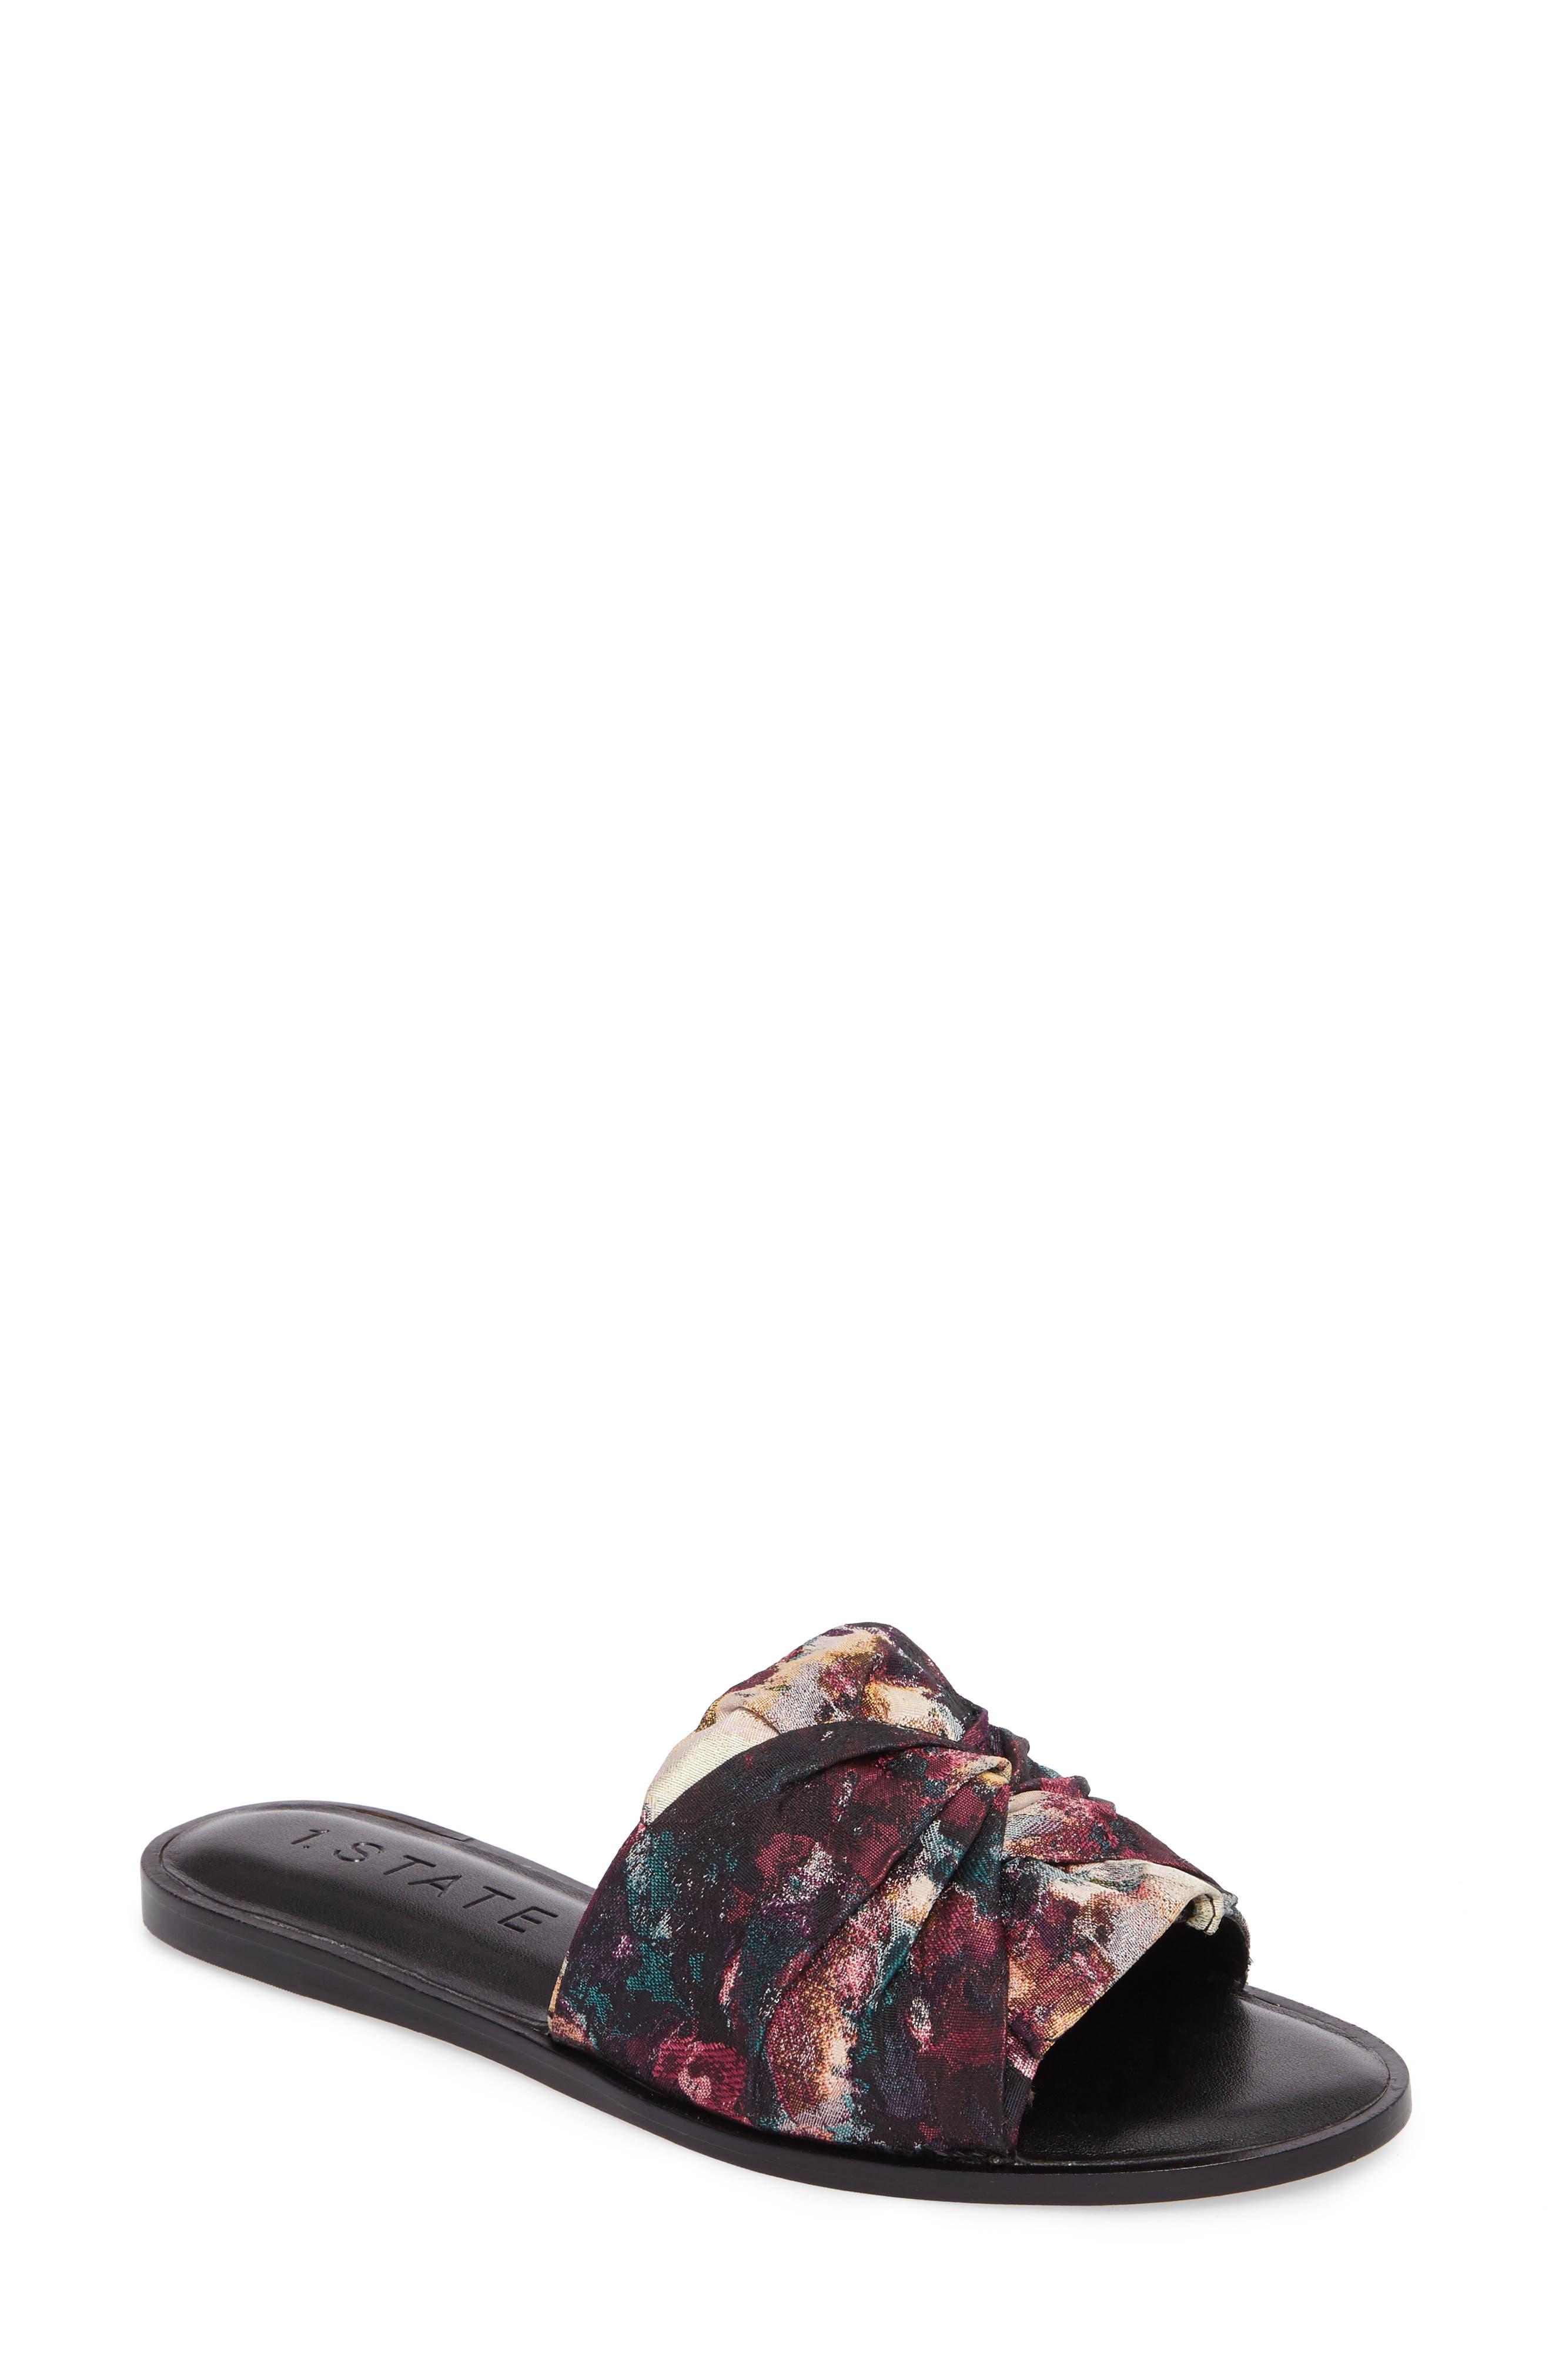 Chevonn Slide Sandal,                         Main,                         color, Floral Print